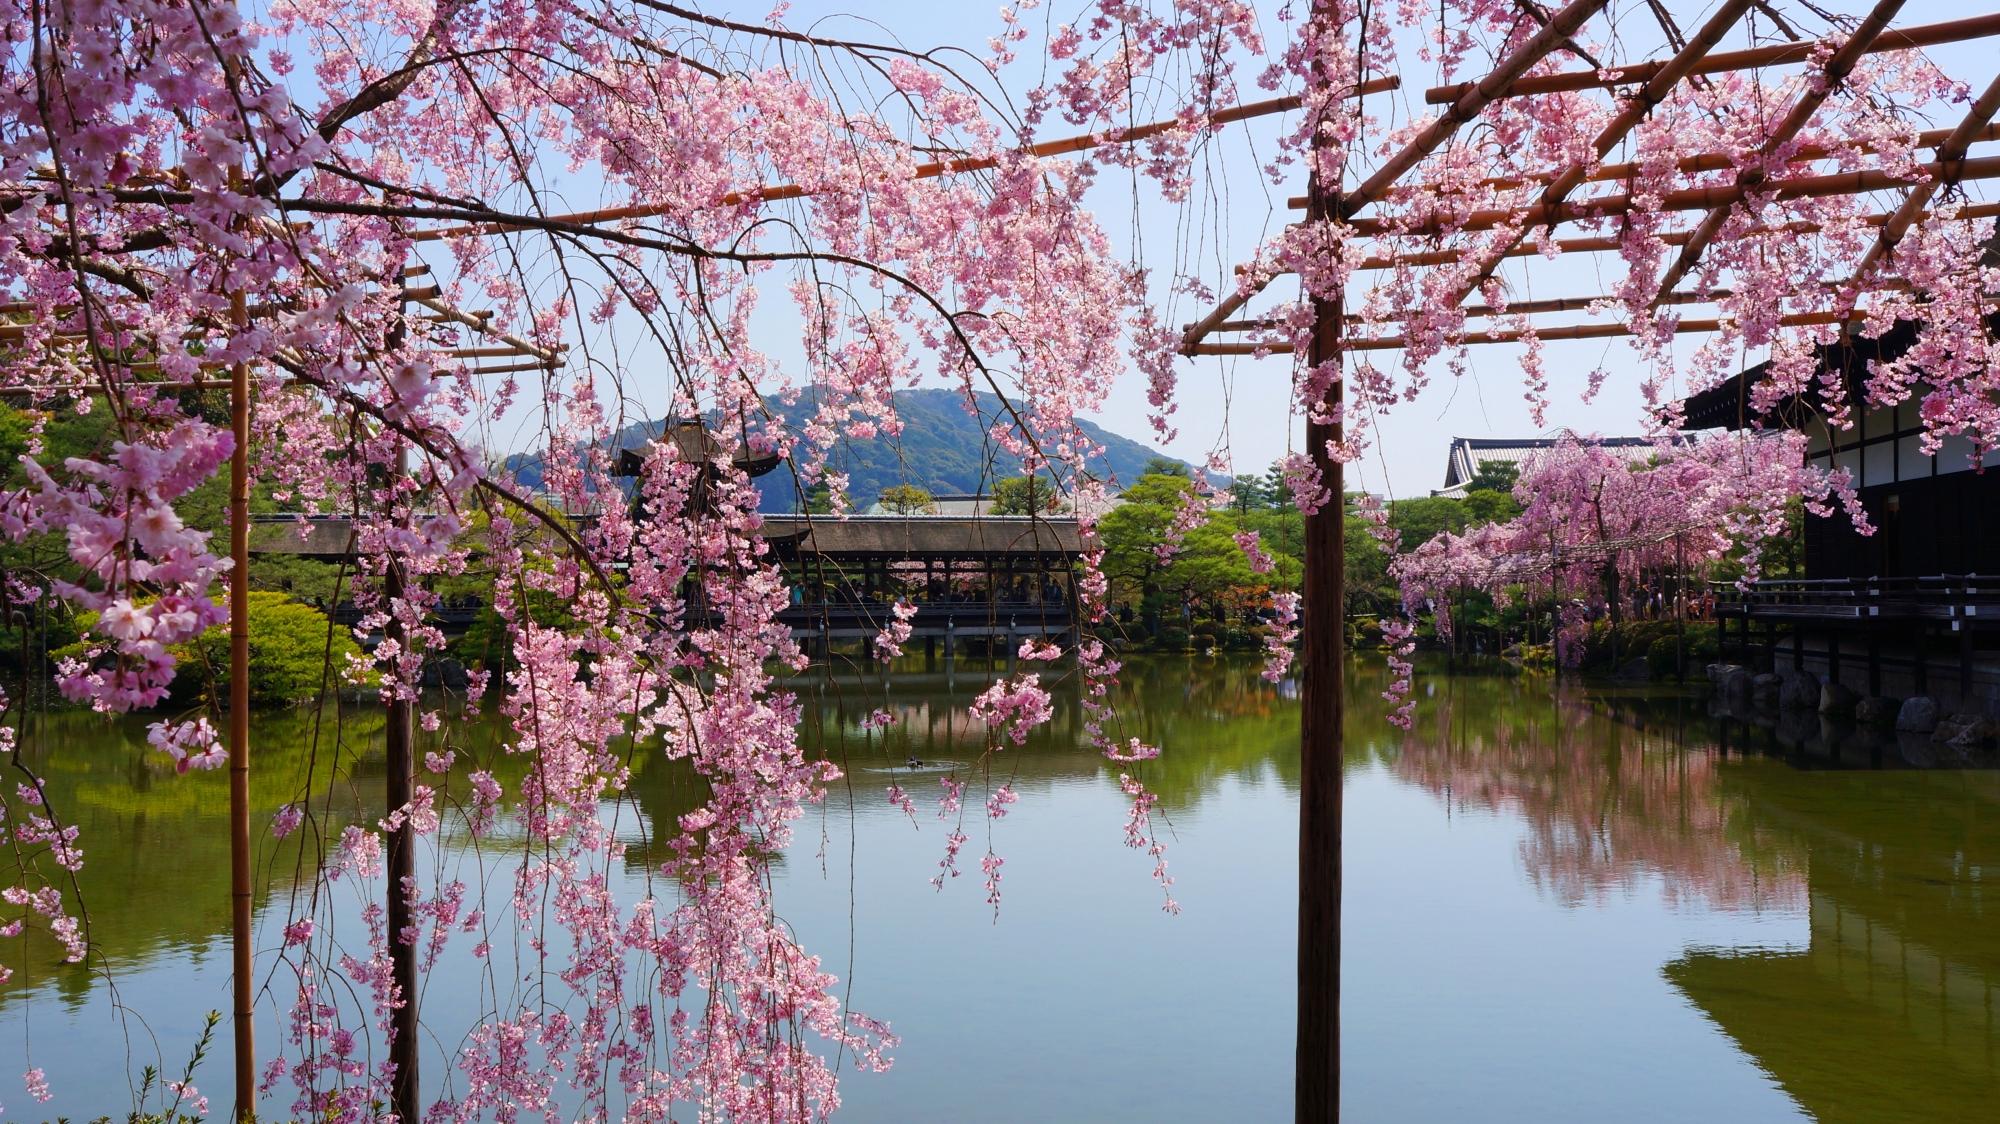 優雅に咲き誇るピンクの花